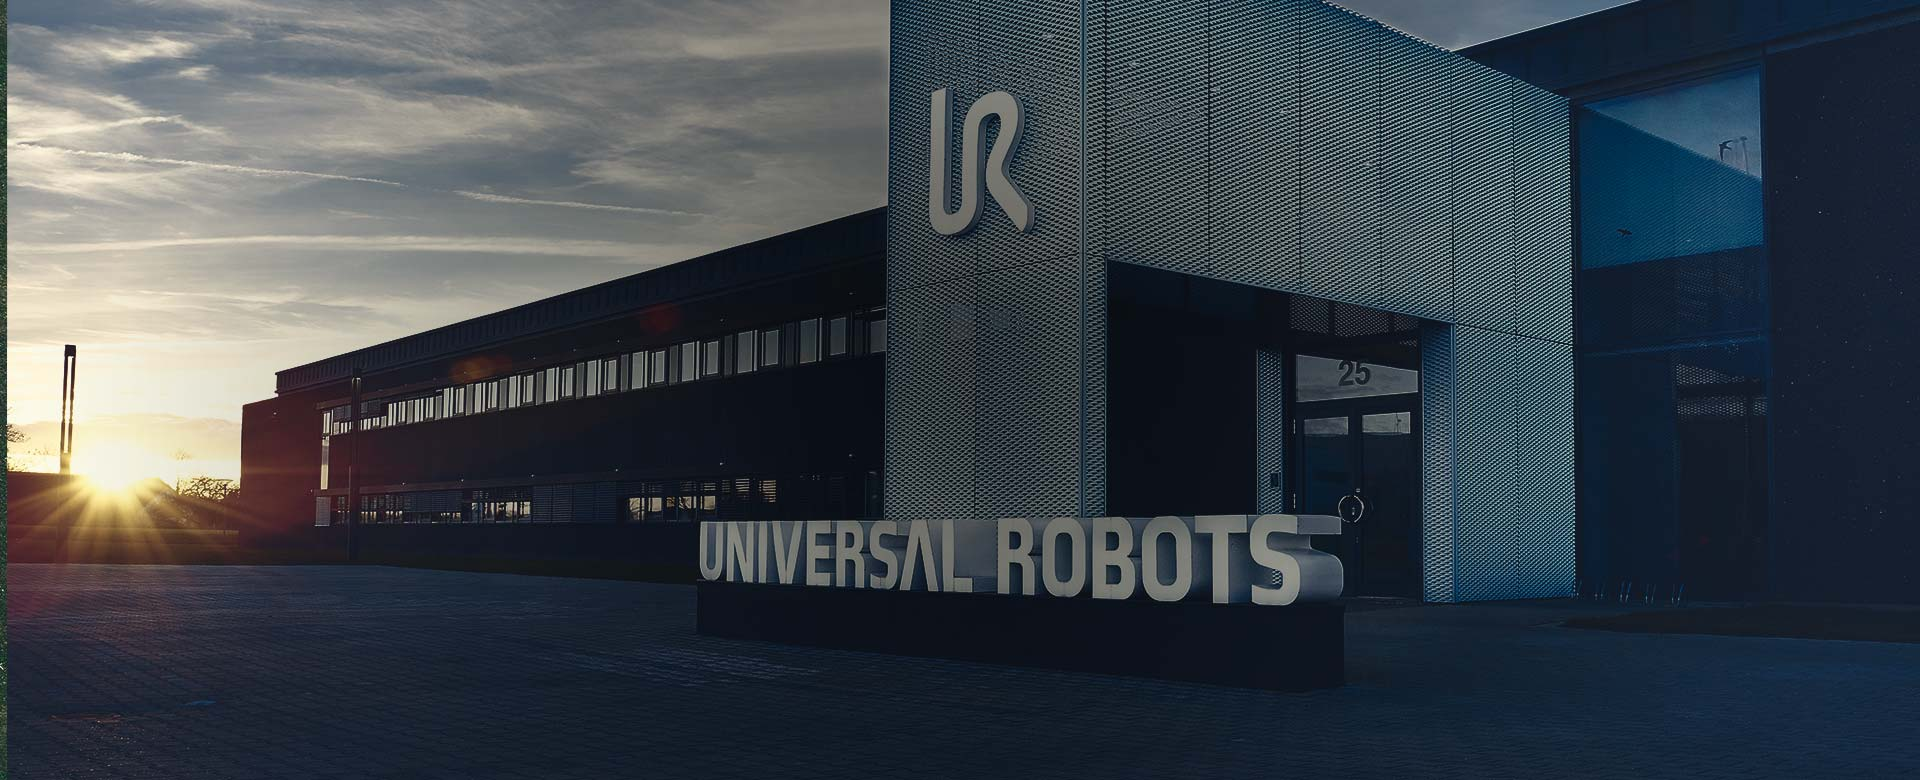 Universal Robots Company